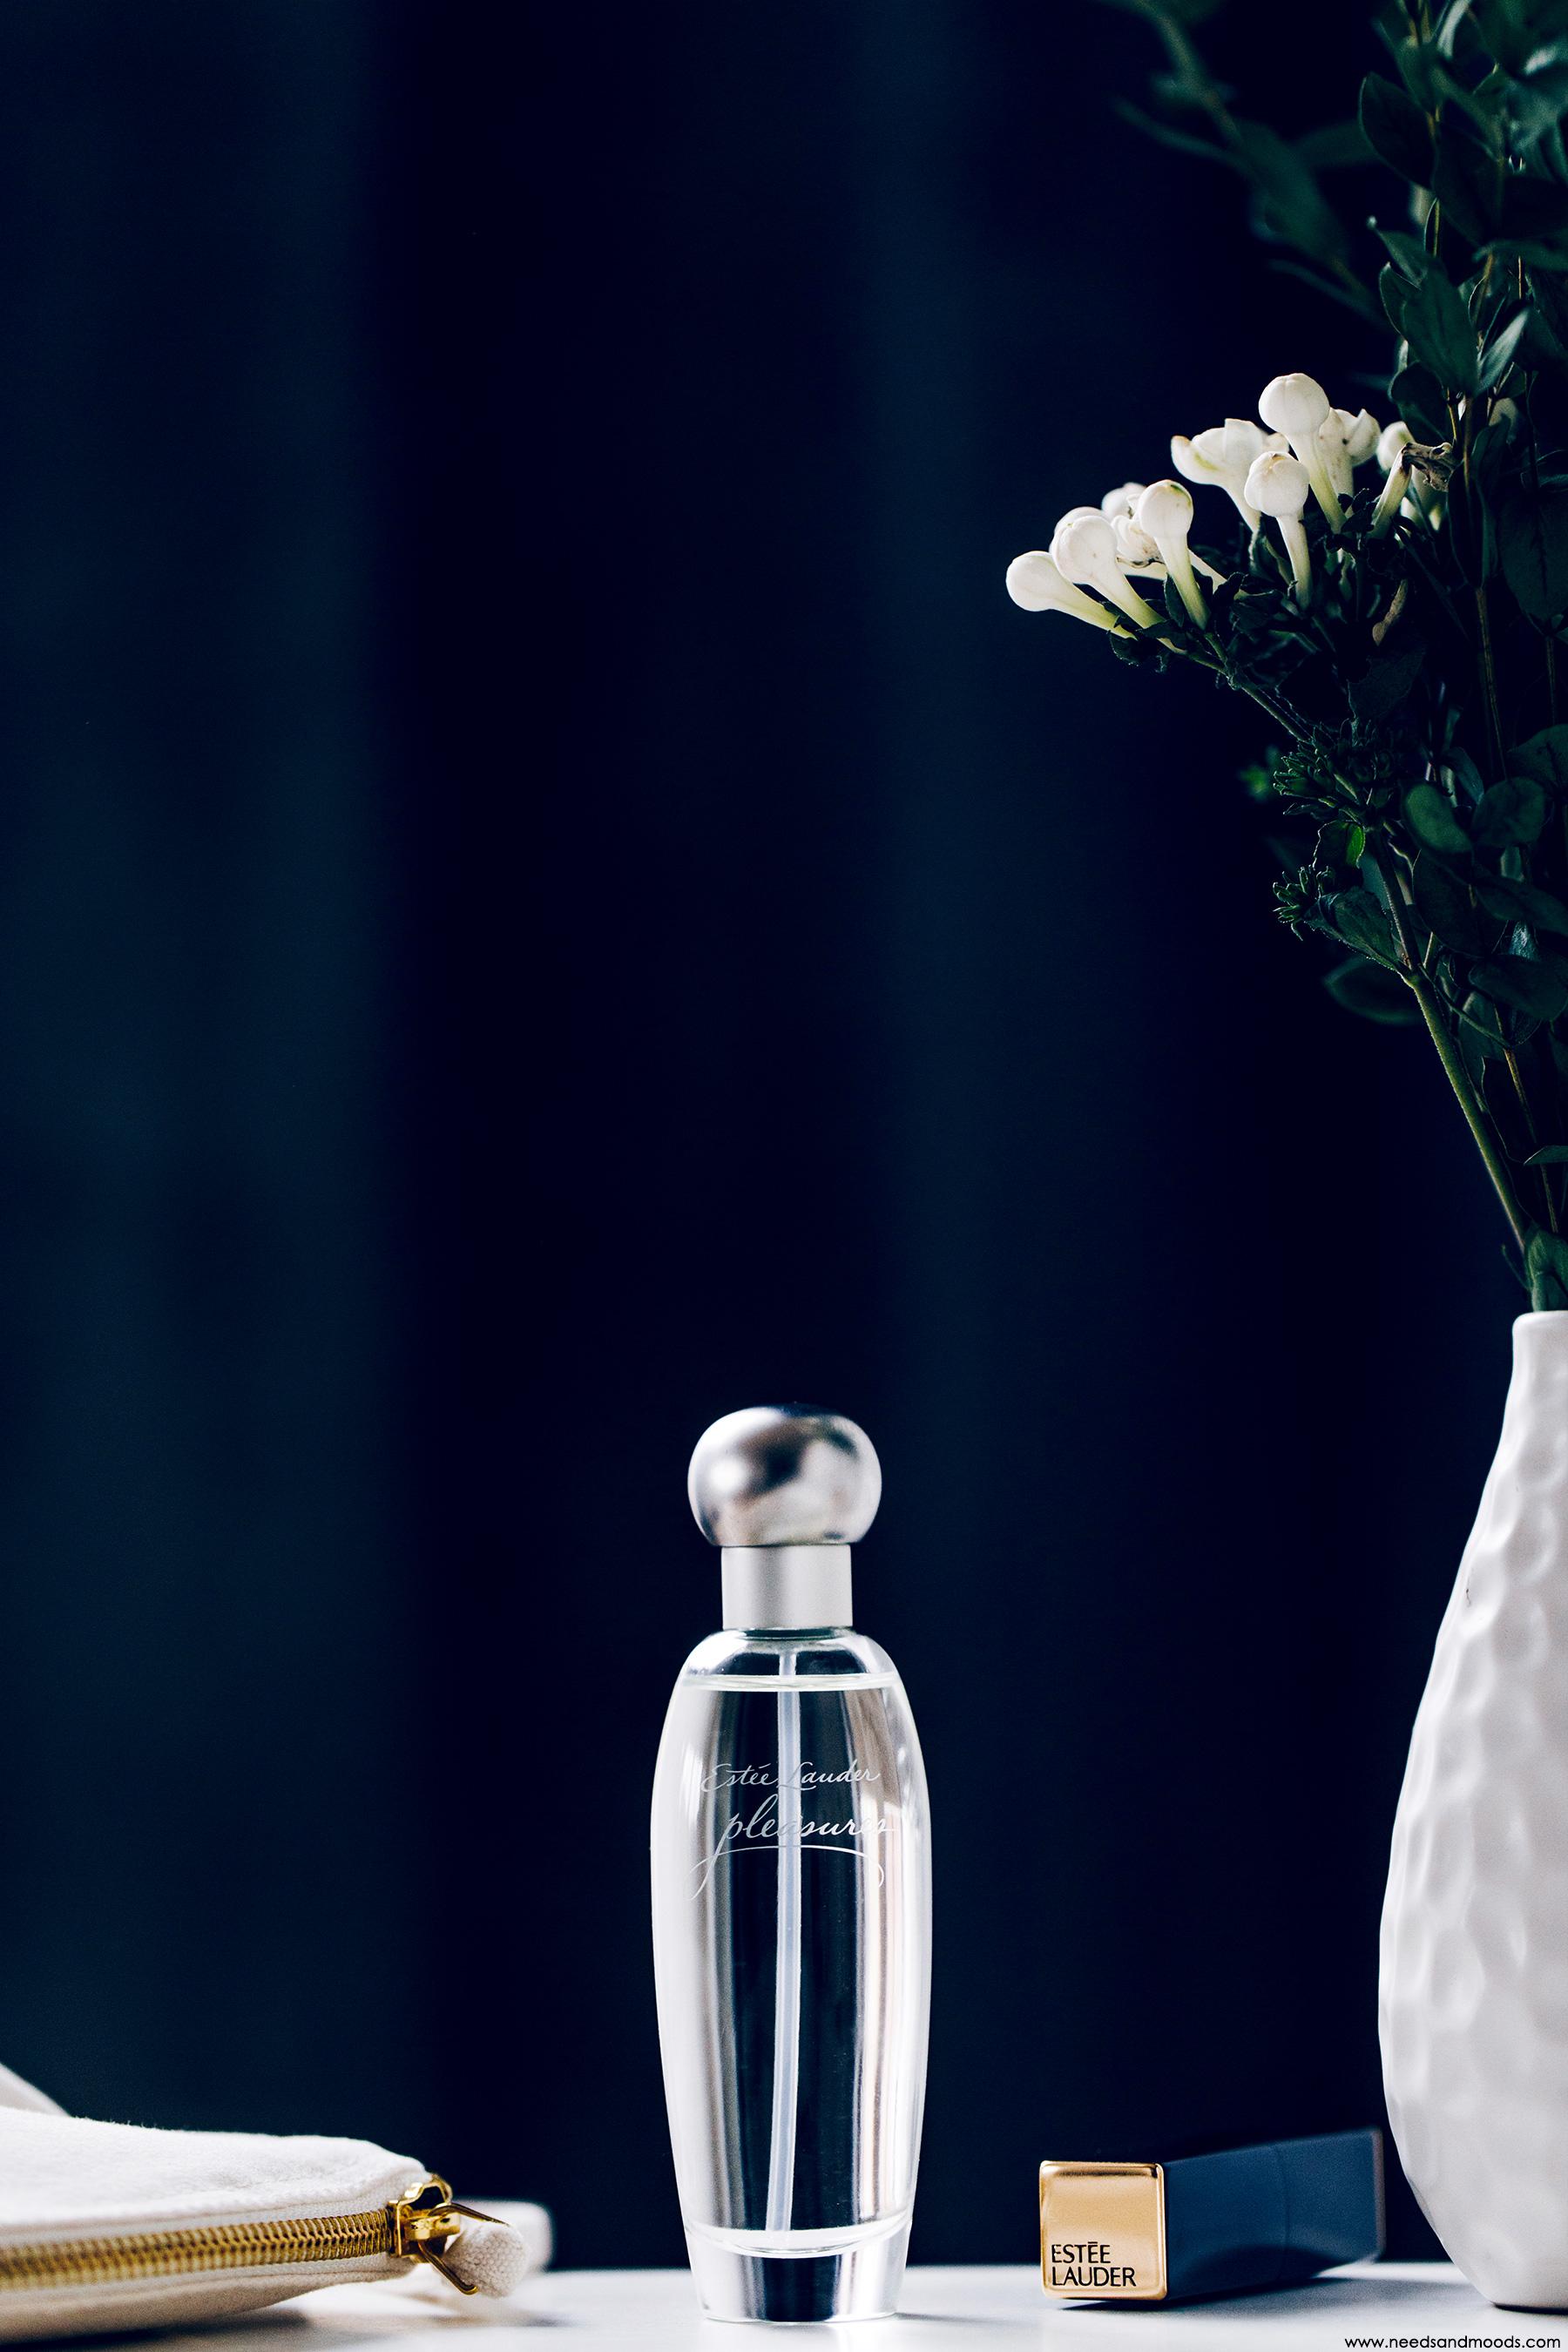 estee lauder parfum pleasures